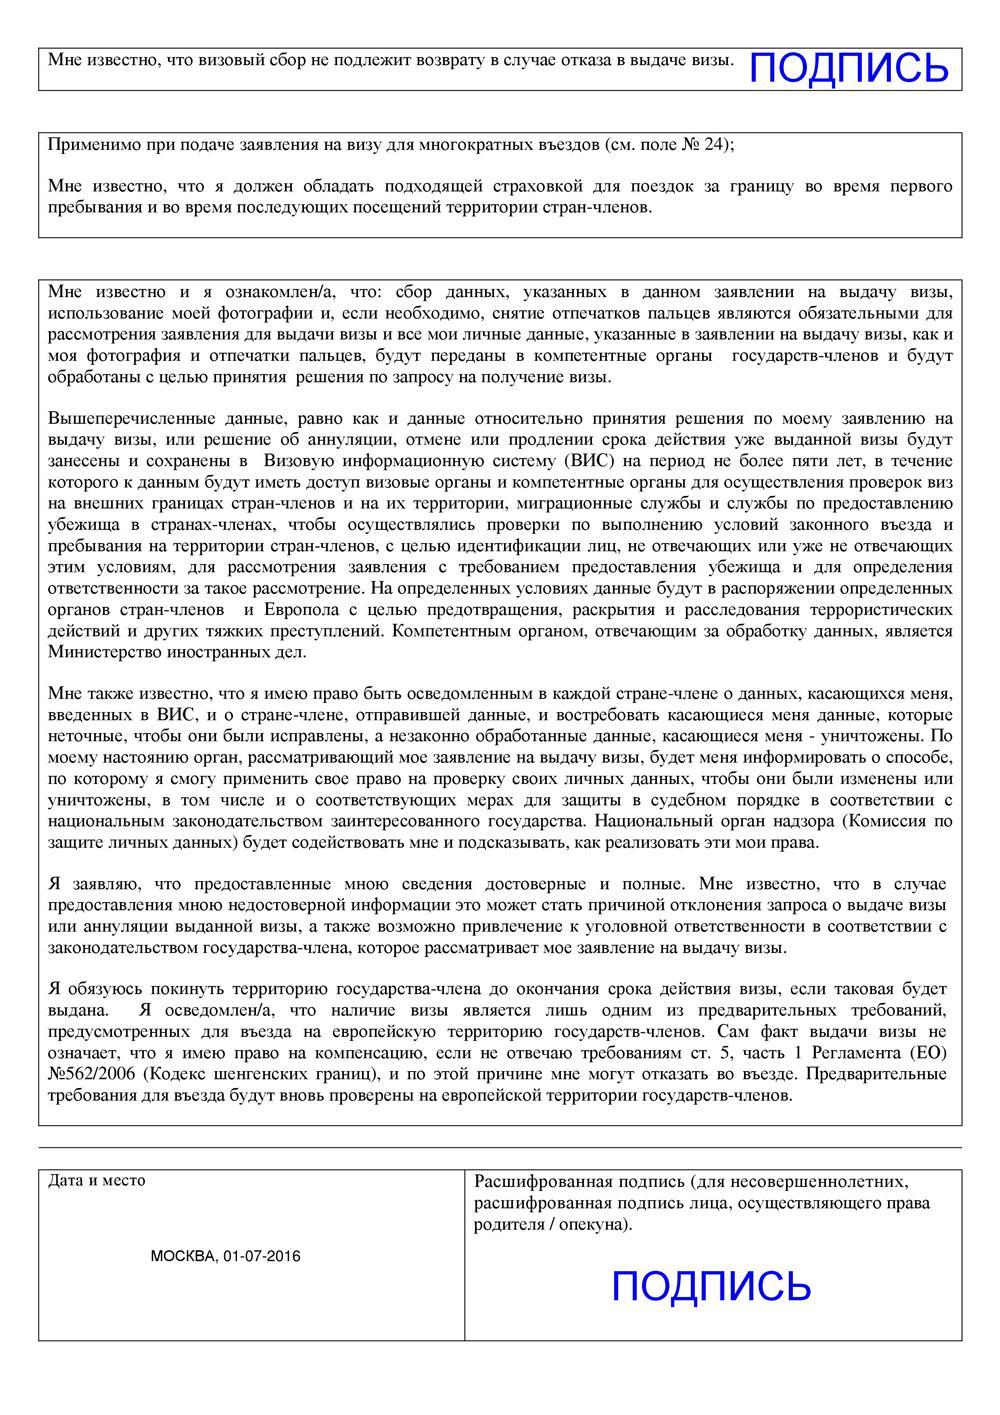 Образец заполненной анкеты на визу в Болгарию, стр.3